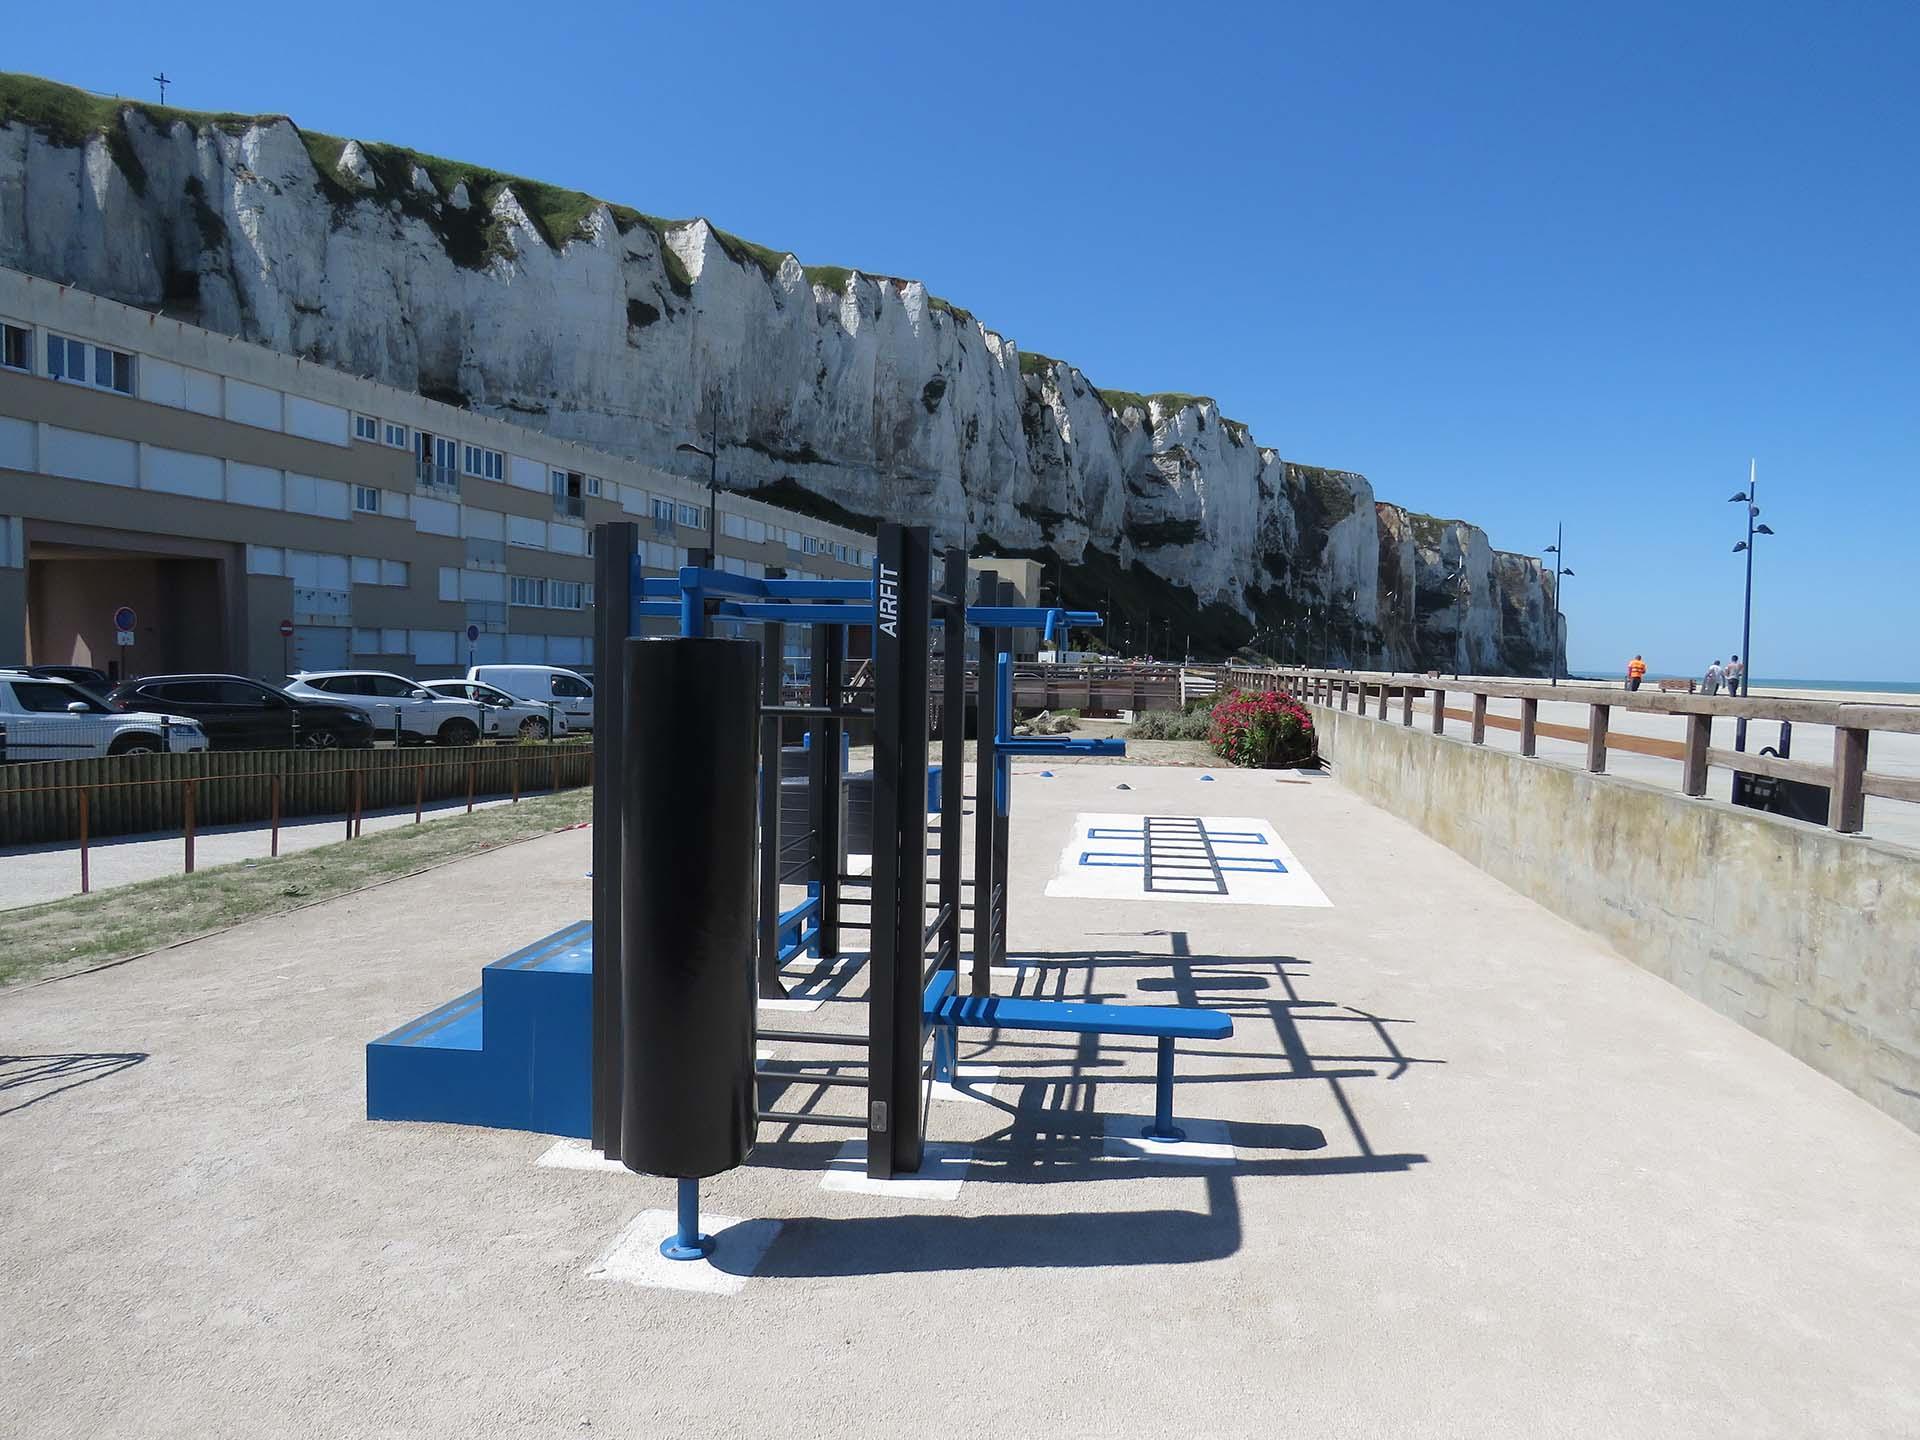 Photo des équipements sportifs de plein air installés sur l'esplanade Louis Aragon du Tréport